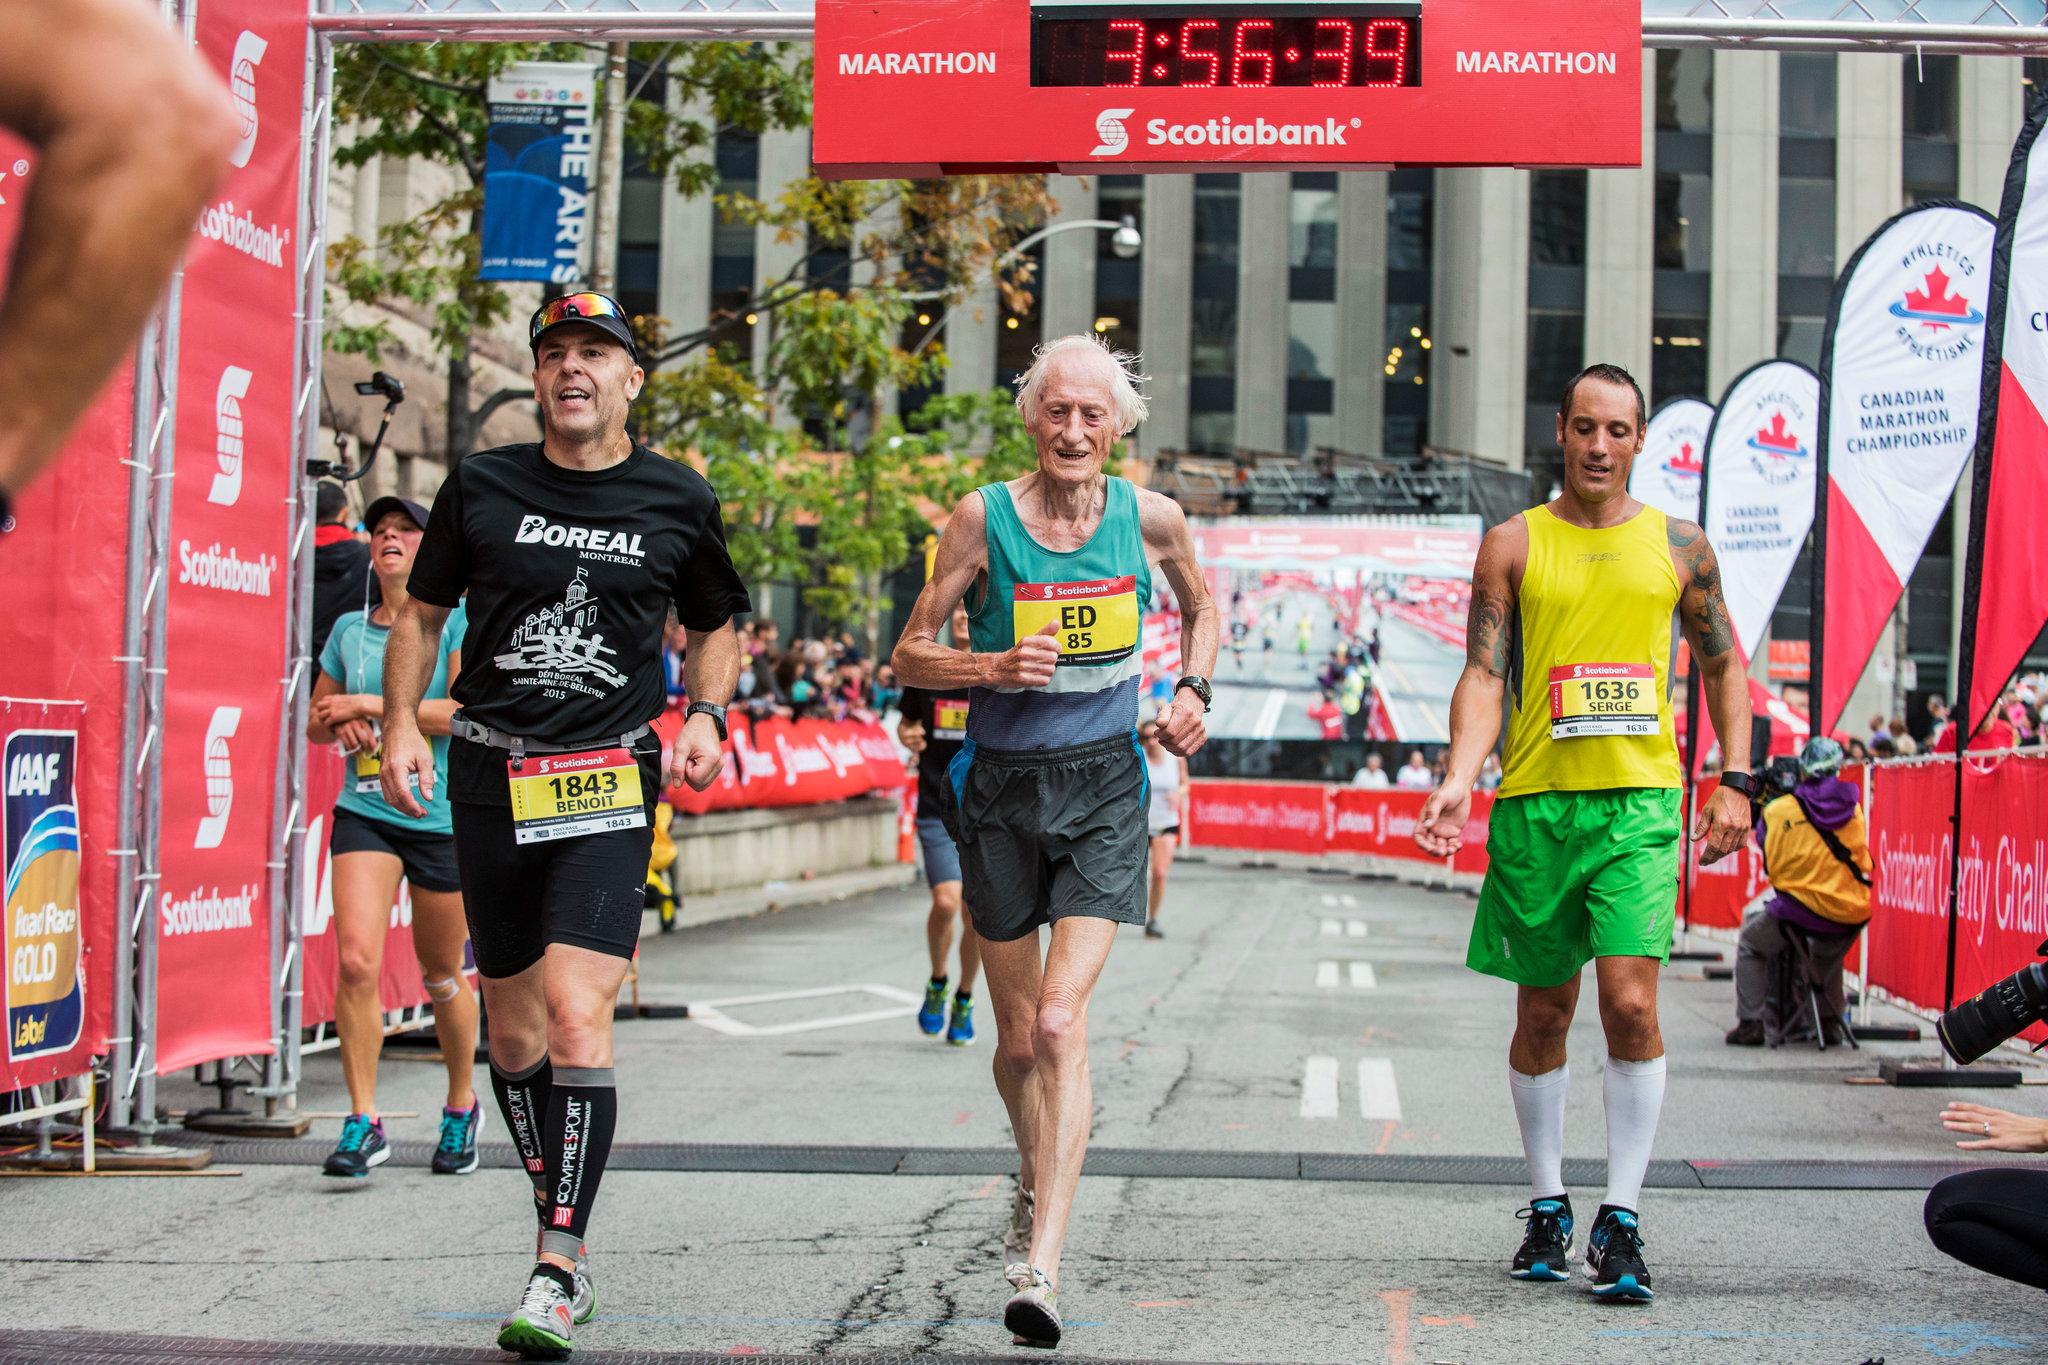 Il Maratoneta Calendario.Ed Whitlock Storia Di Un Maratoneta Ultraottantenne